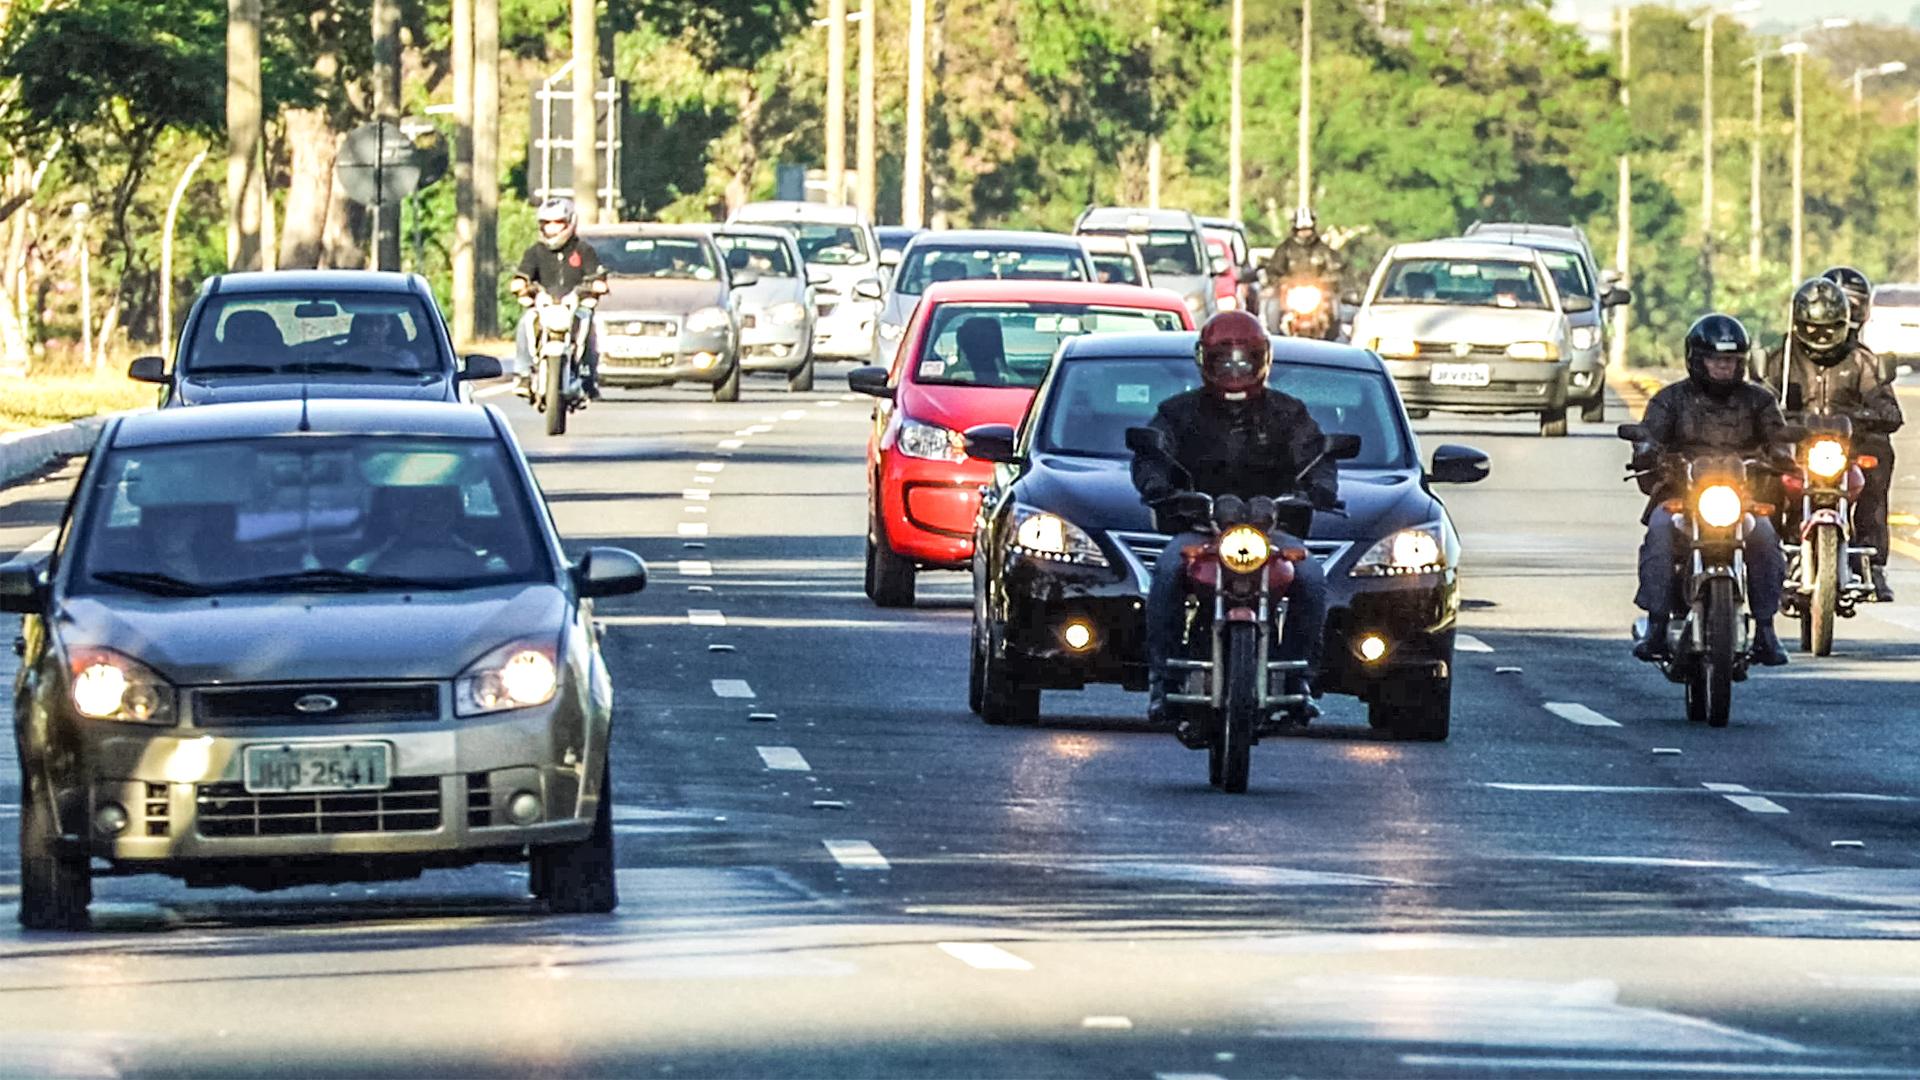 Código de trânsito que obrigava o uso do farol durante o dia é alterada